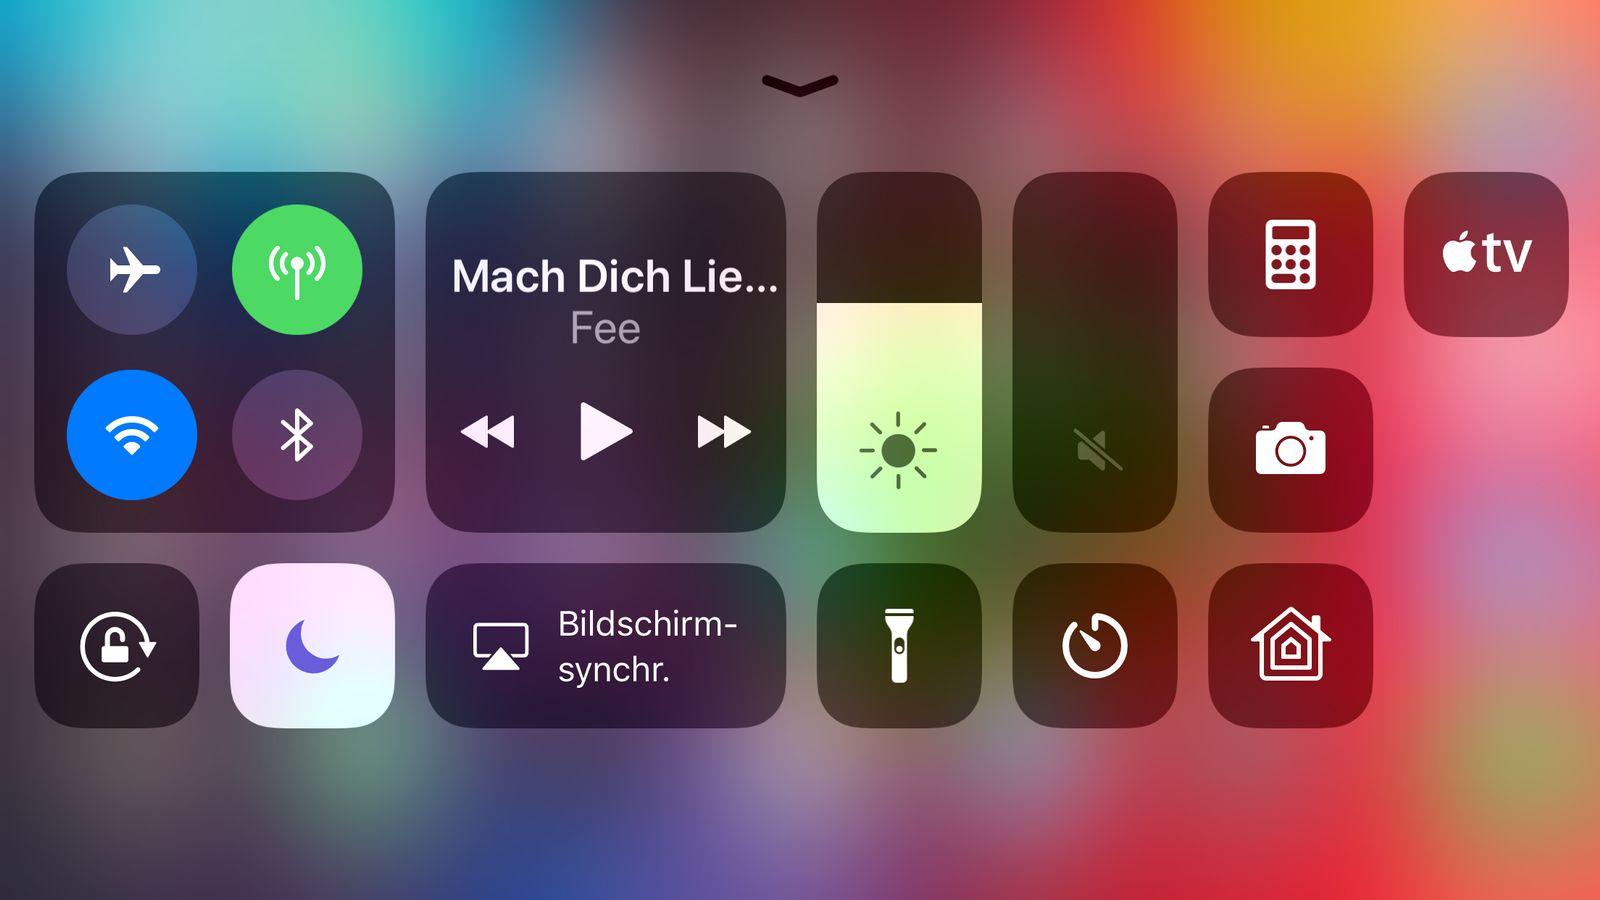 NUR ALS ZITAT Screenshot iOS 11 BluetoothÂ